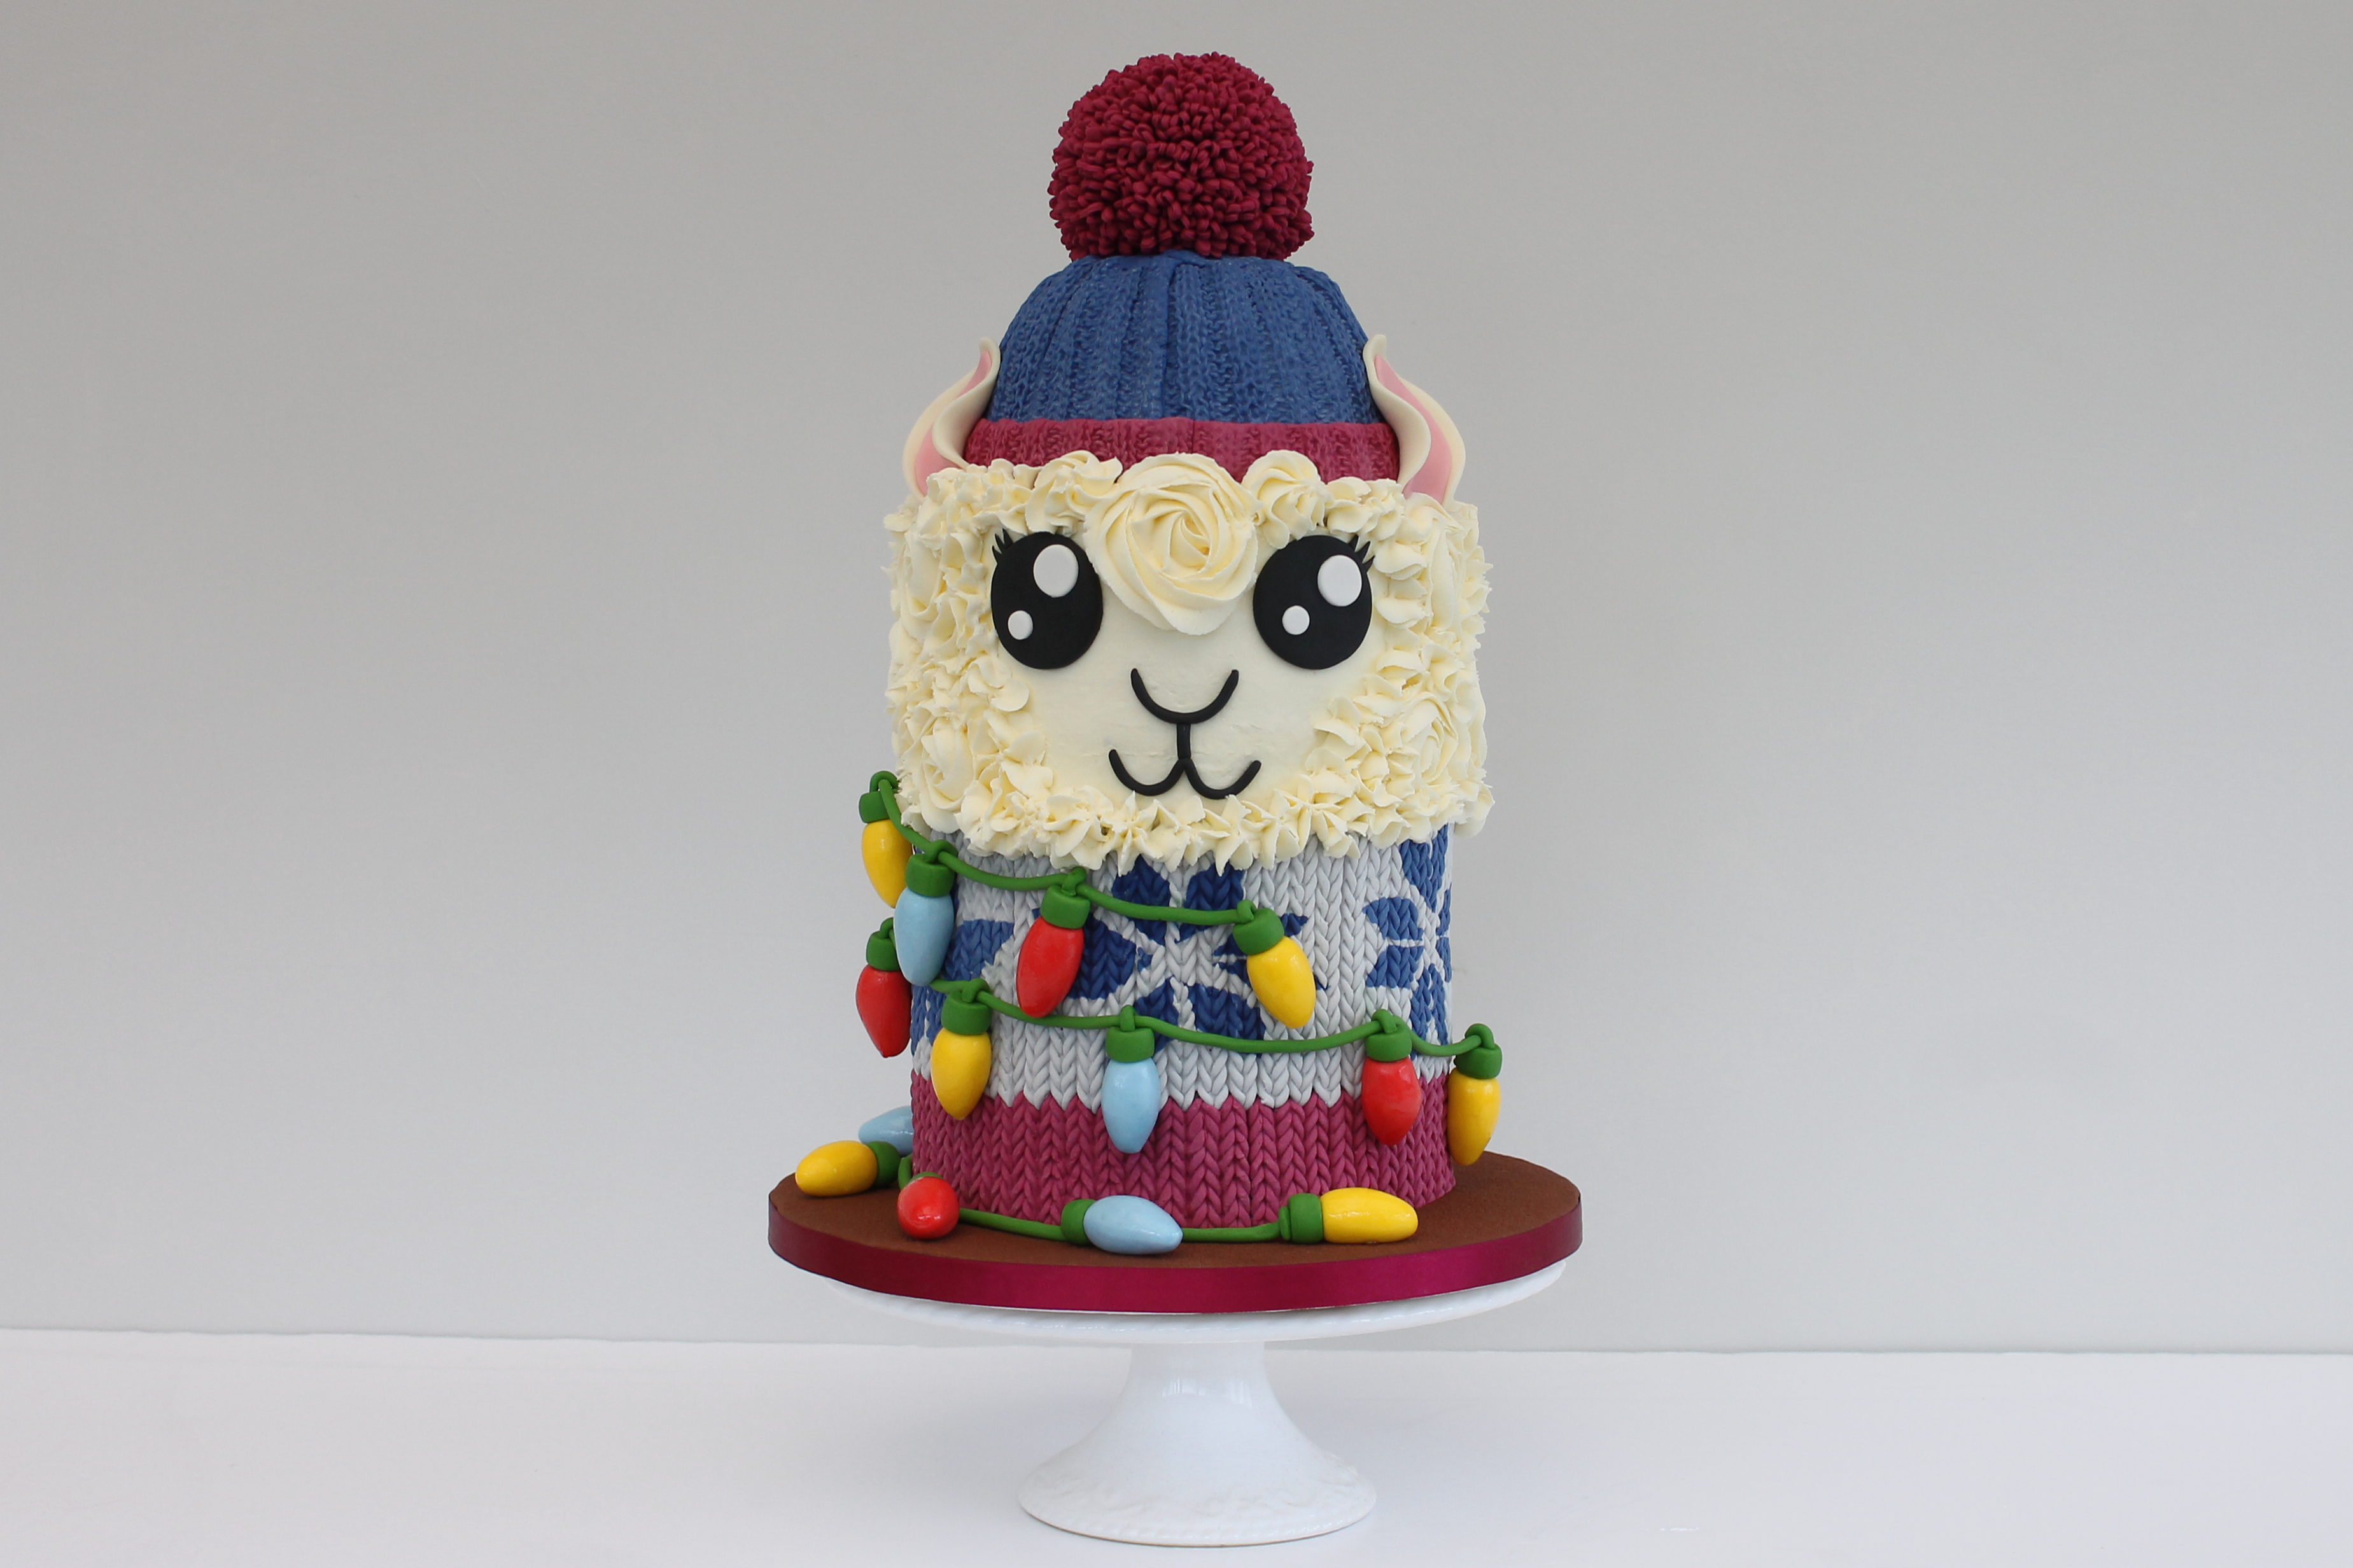 Festive Llama Cake by Rob Baker-Gall